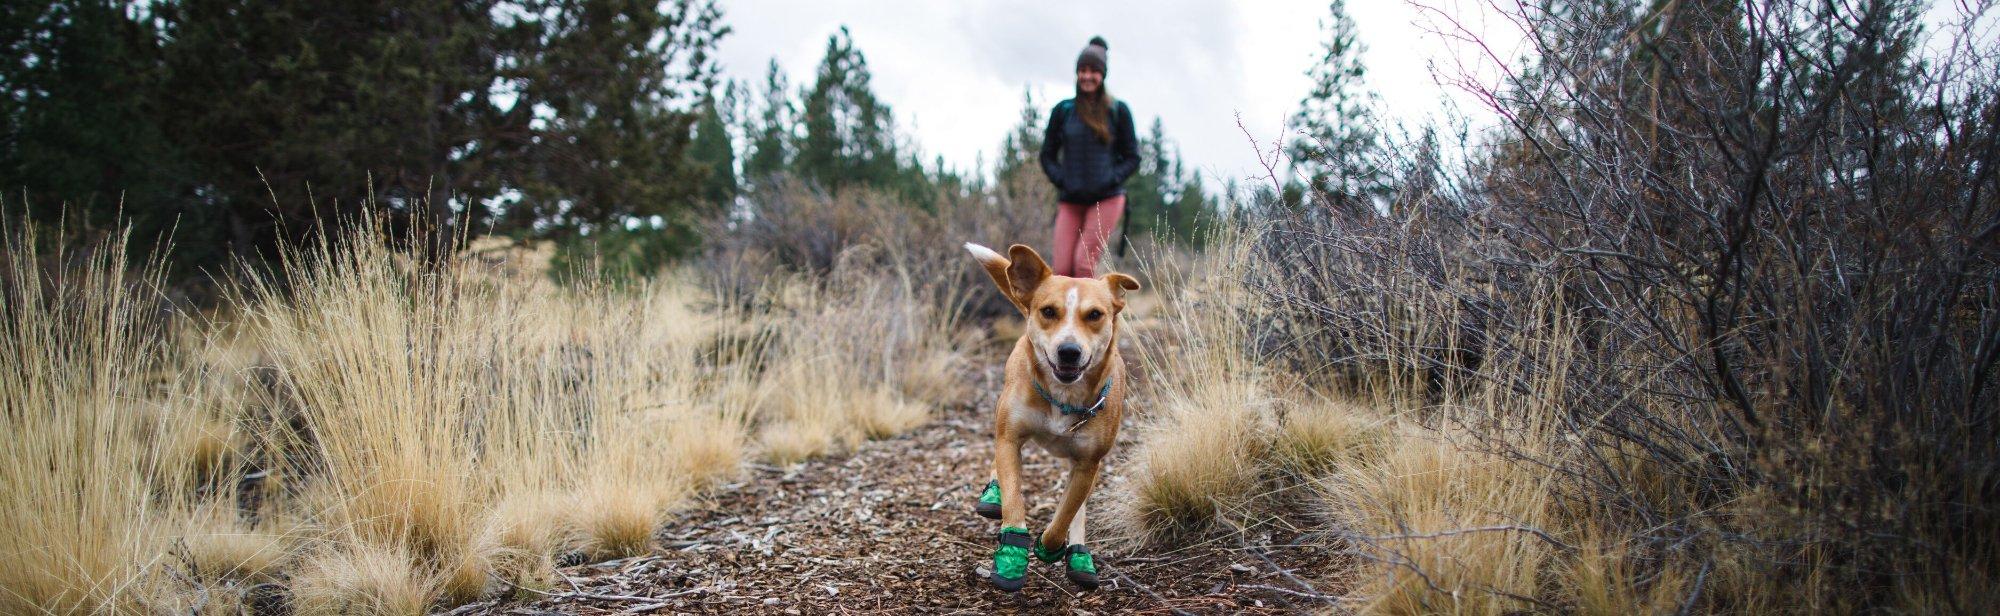 Hundeschuhe Pfotenschuhe für Hunde günstig